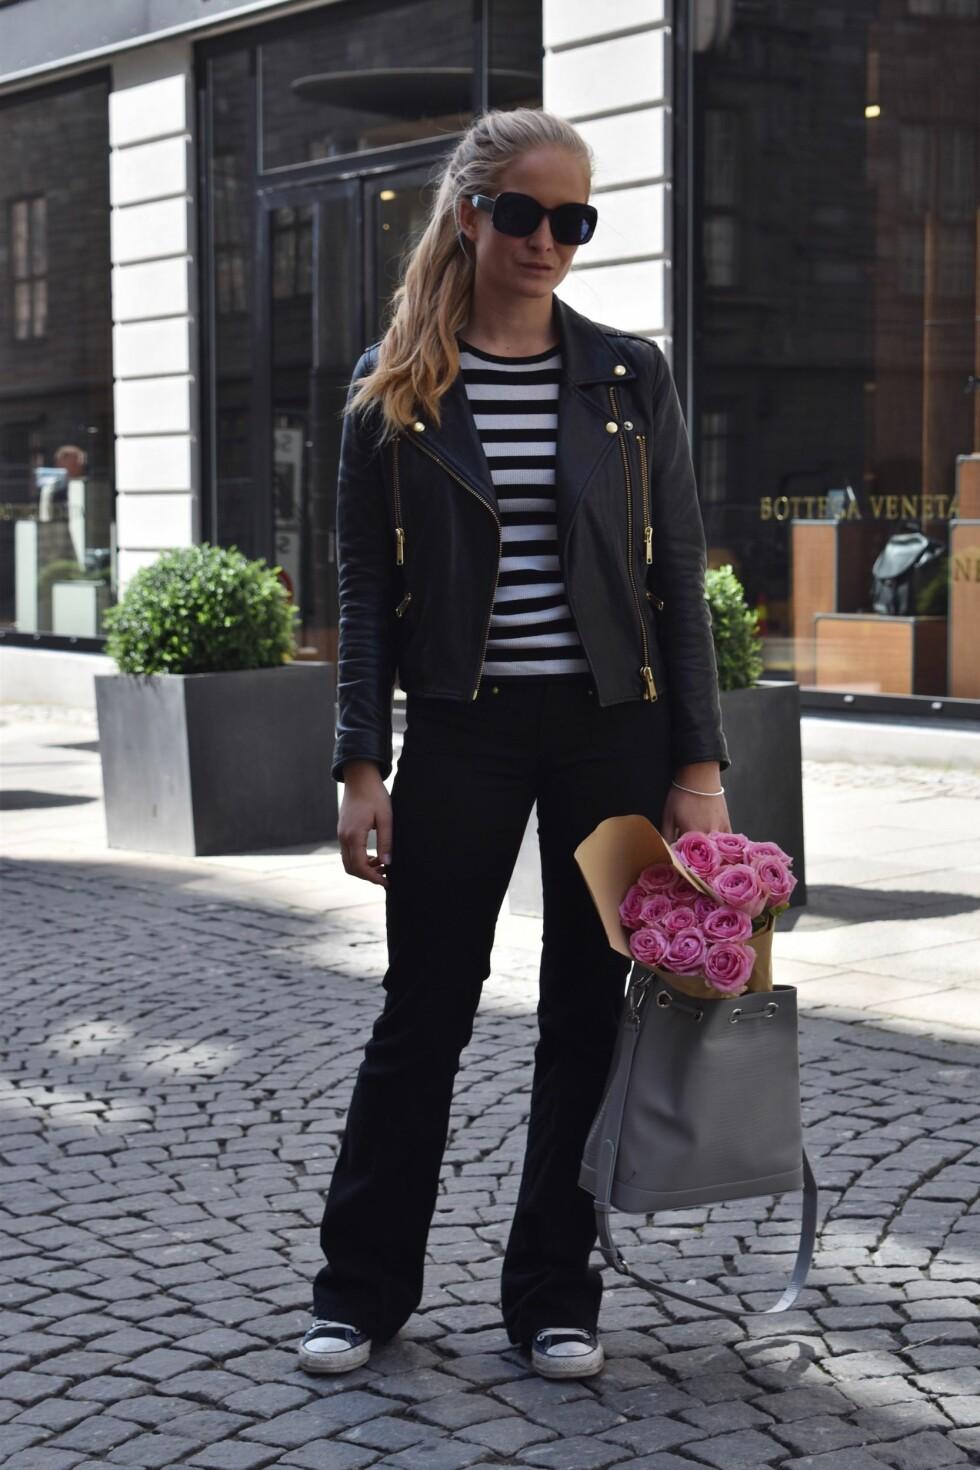 SLENGBUKSEN: Nathalie Helgerud går for en avslappet og kul stil med disse slengbuksene i en sort variant. Foto: Nathaliehelgerud.com